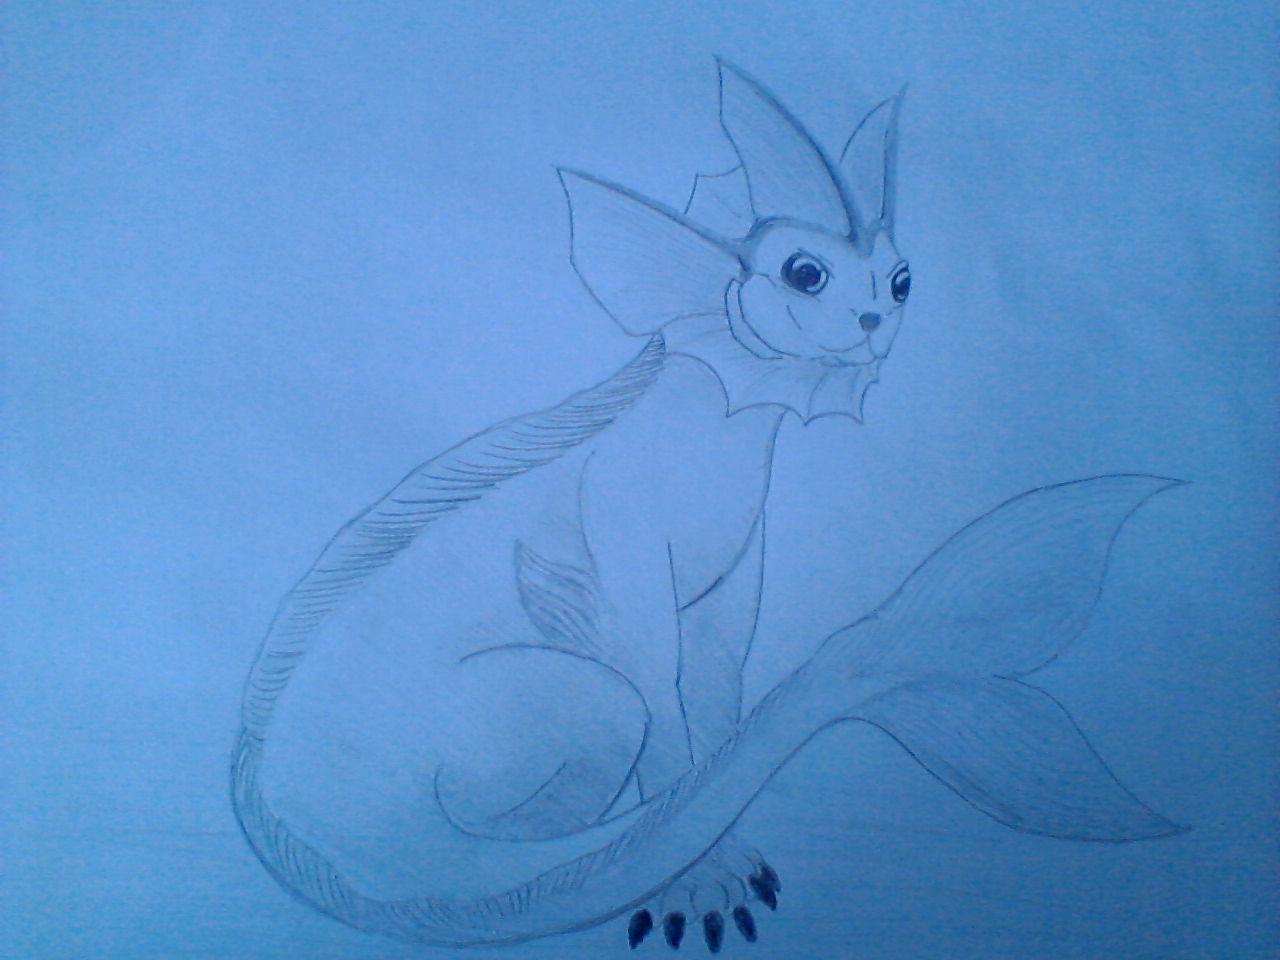 Pokémon-Zeichnung: Aquana